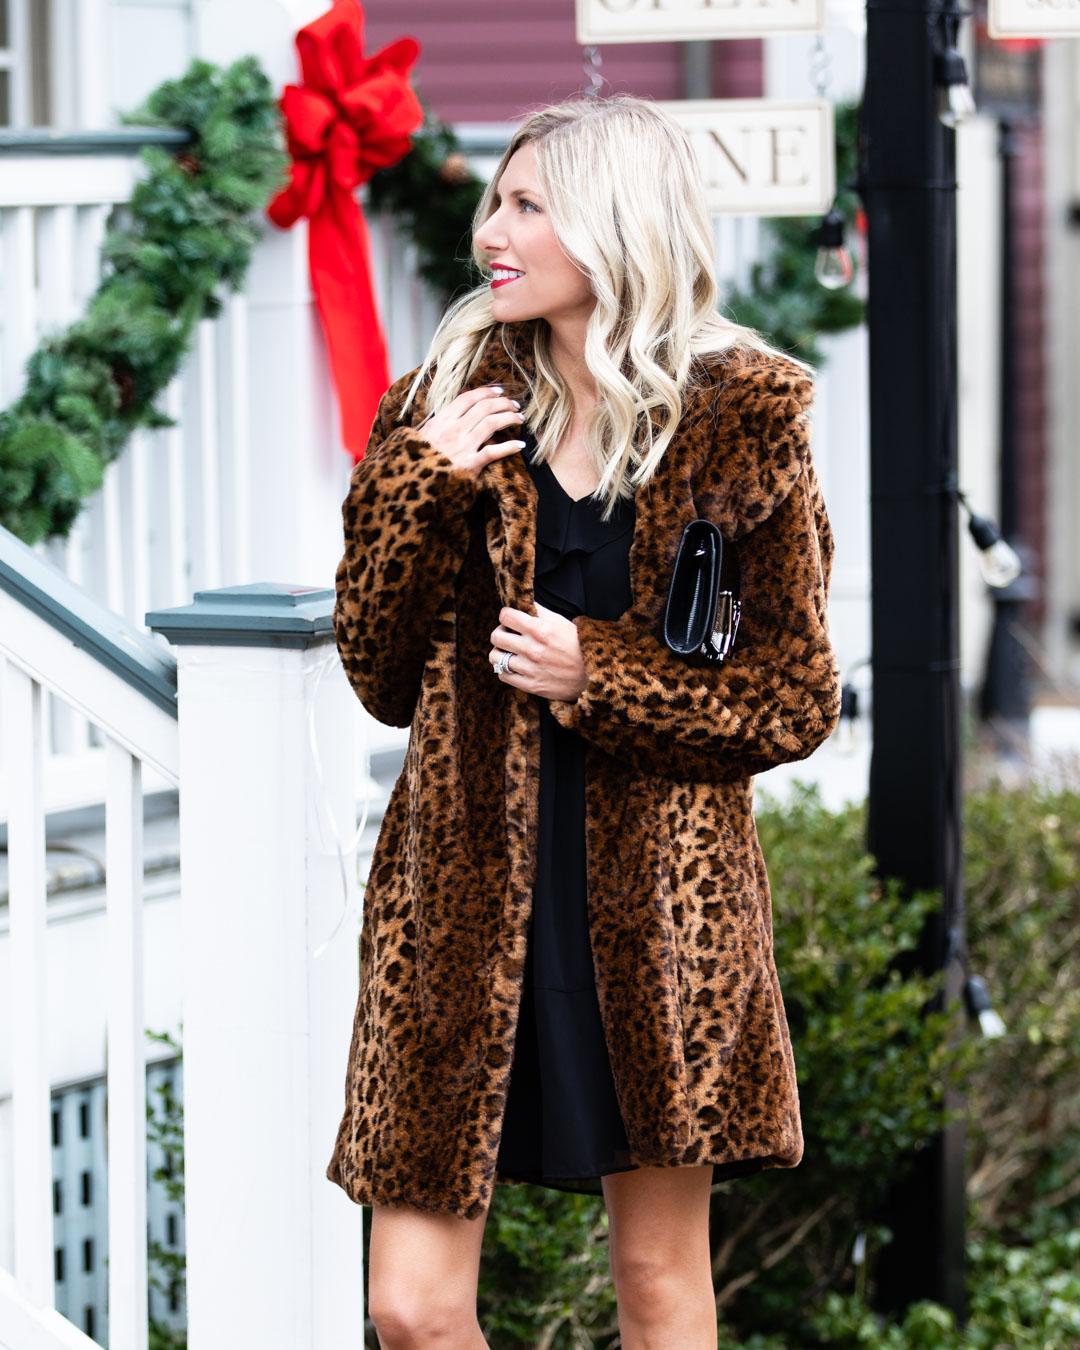 Kensie Black Dress and Leopard Jacket